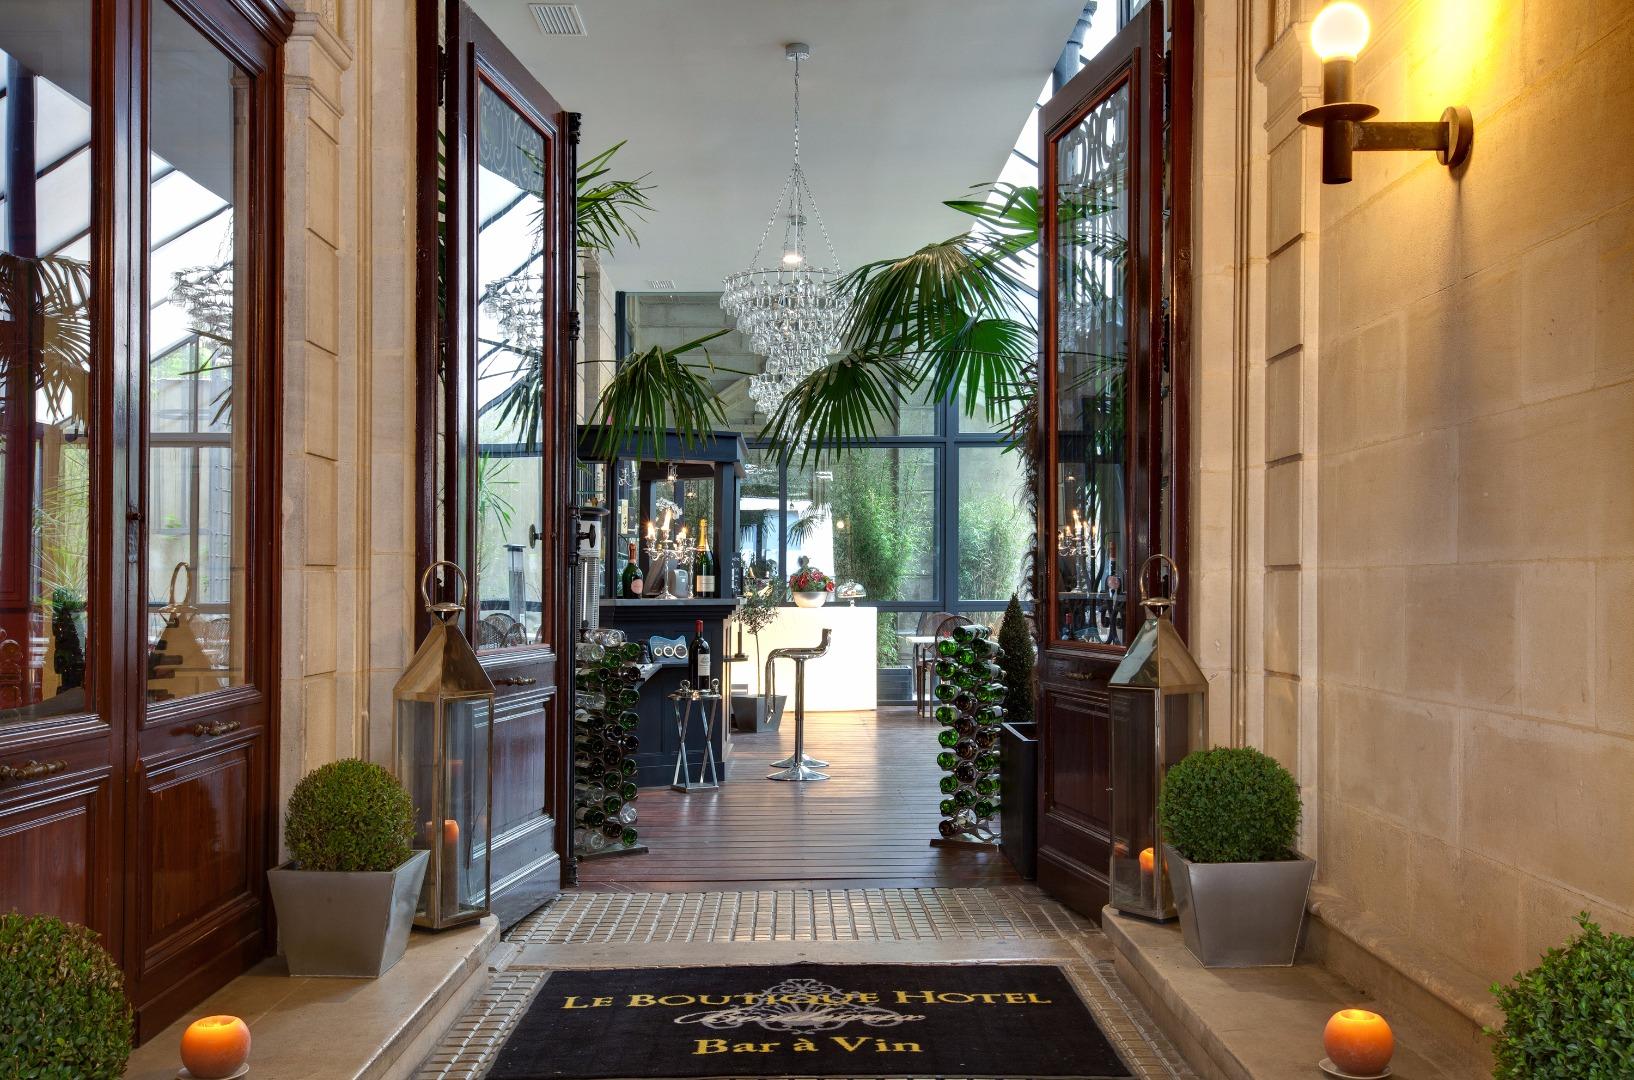 Parfums et d tente au boutique h tel bordeaux blog for Boutique hotel 2016